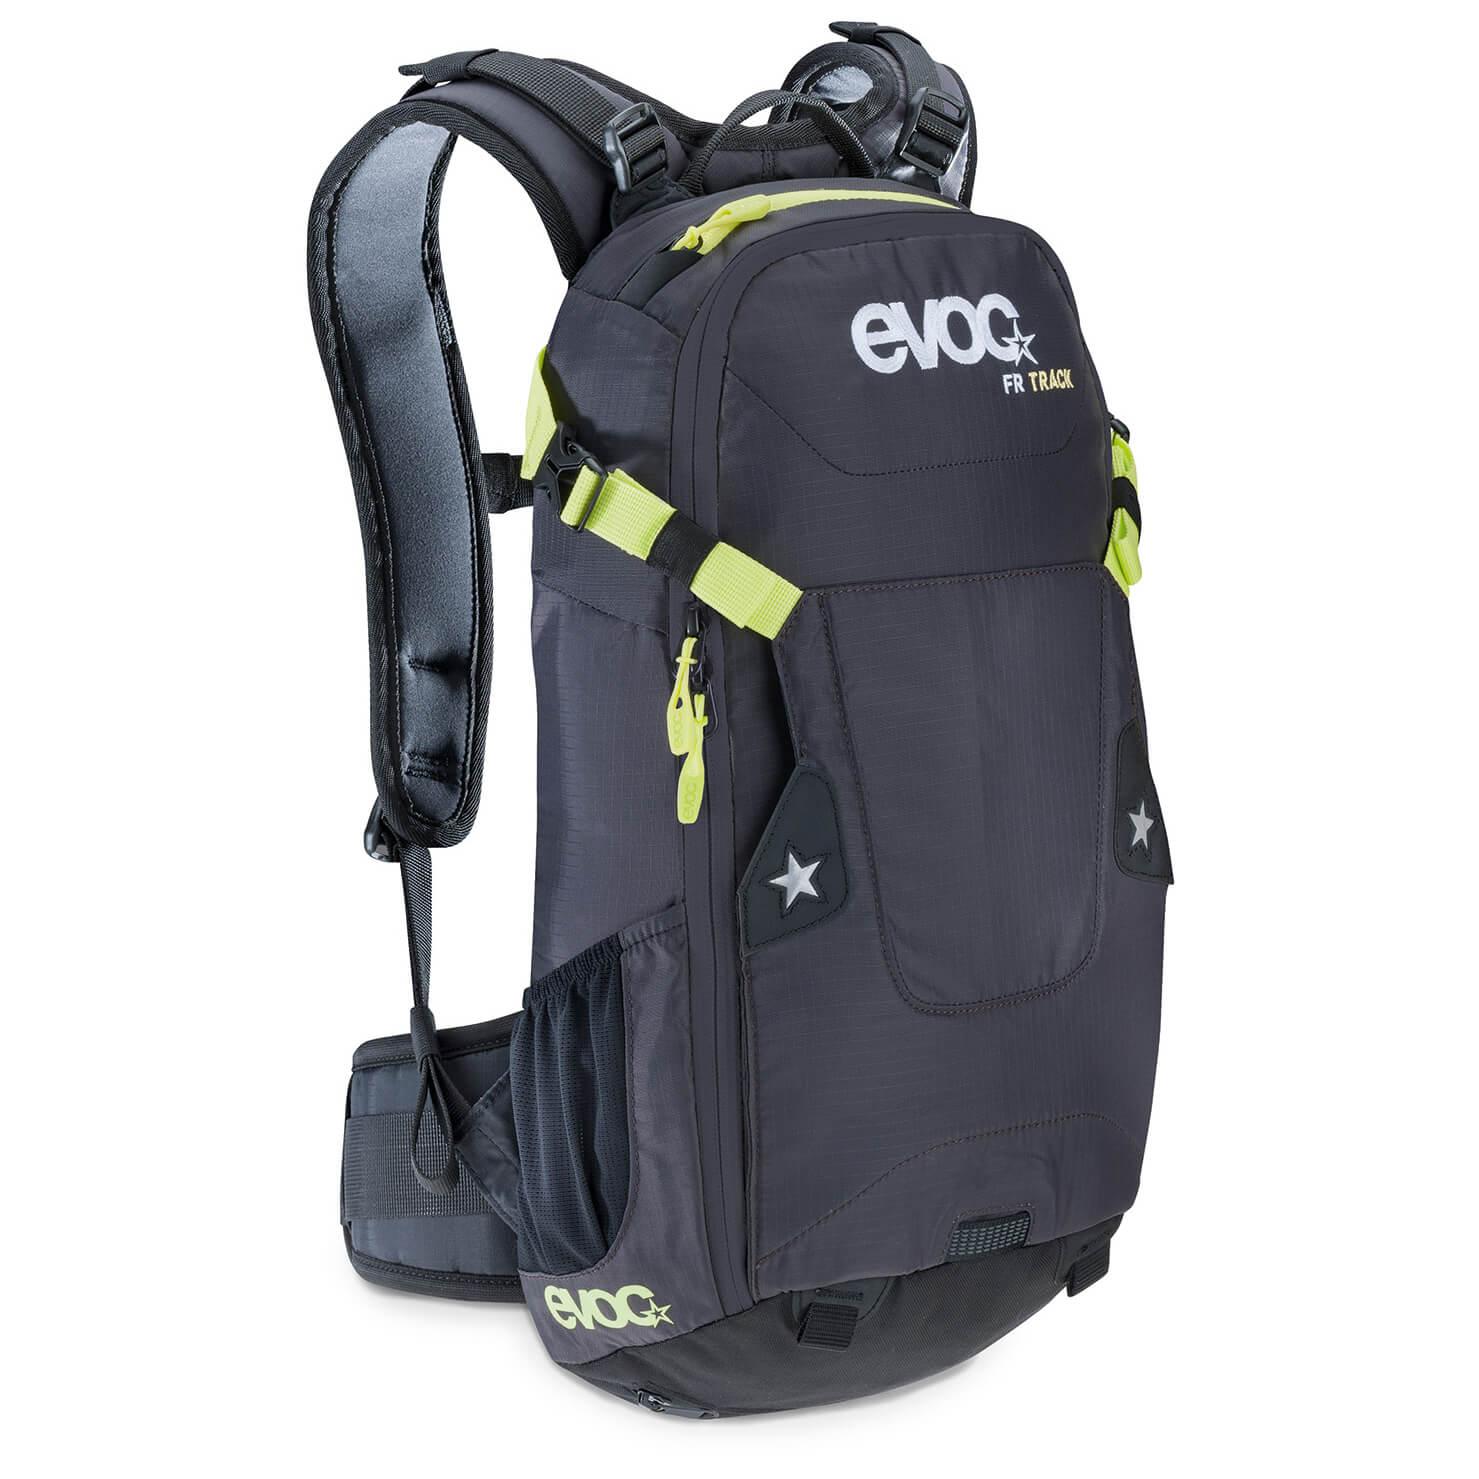 Top 10l Bike Backpack - evoc-fr-track-10l-cycling-backpack  2018_415525.jpg